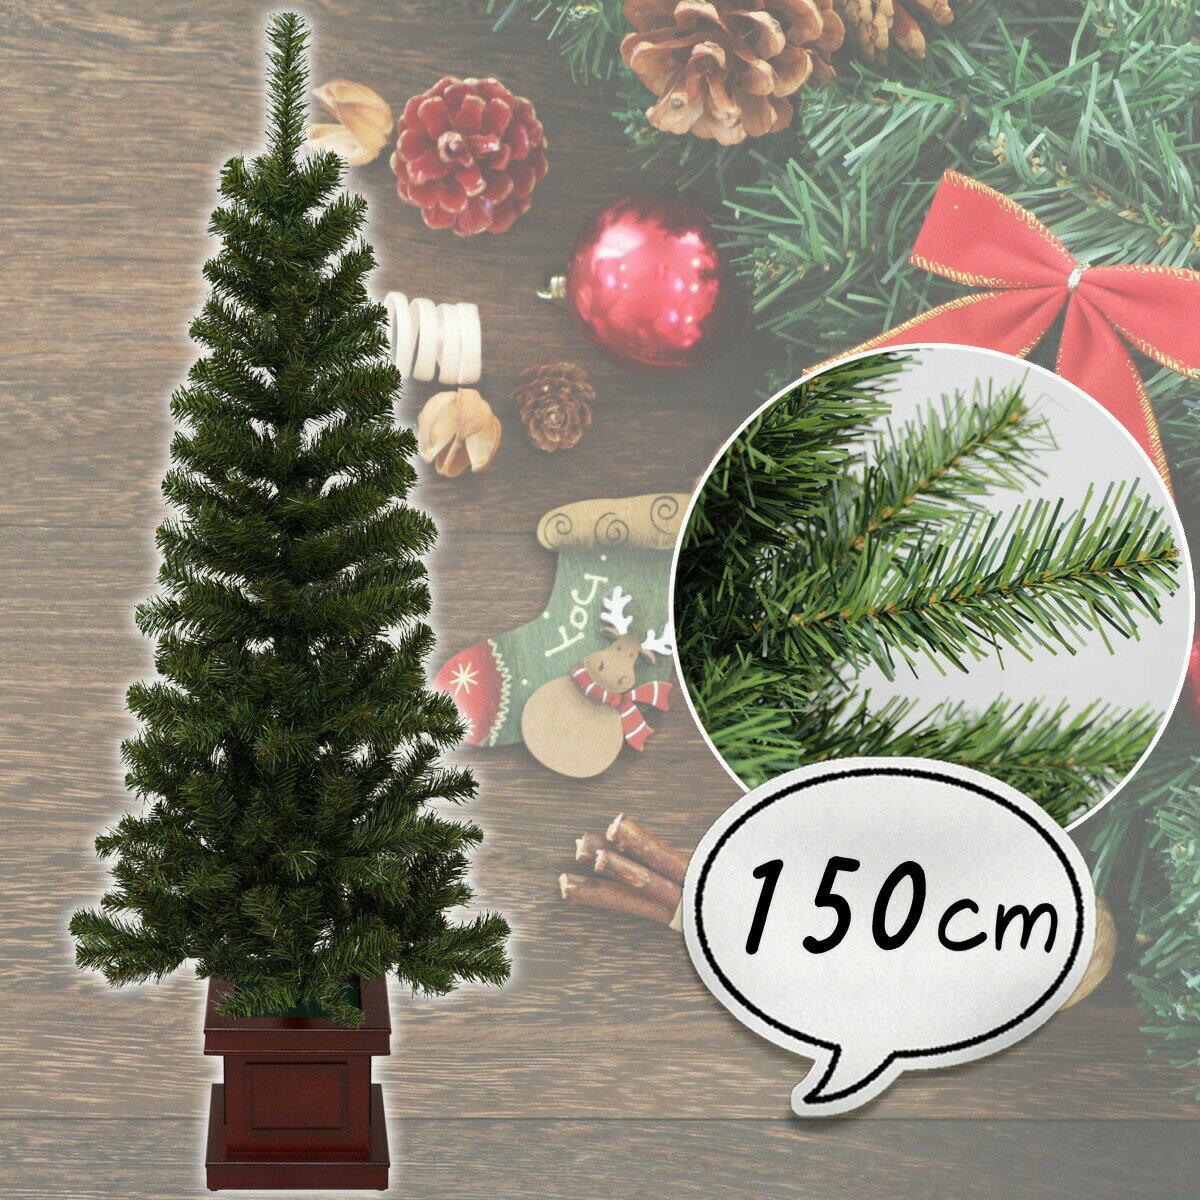 クリスマスツリー 150cm 木製ポットツリー スリム グリーン ツリーの木 [ ヌードツリー ]【xjbc】【RCP】